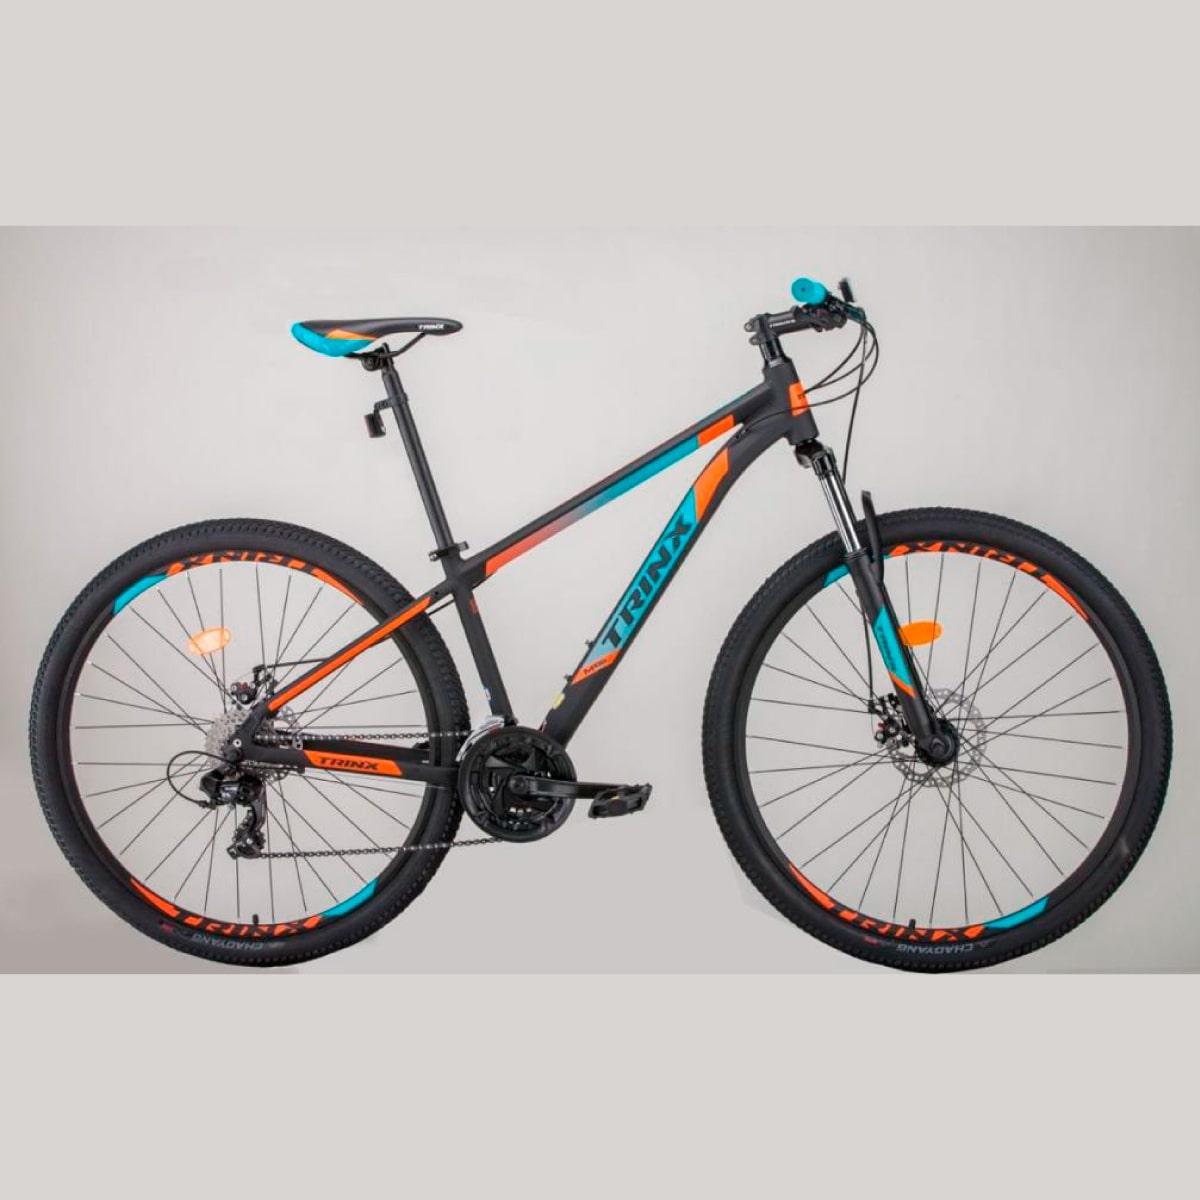 Bike Trinx M100 Pro 2020 24v Shimano Verde Laranja